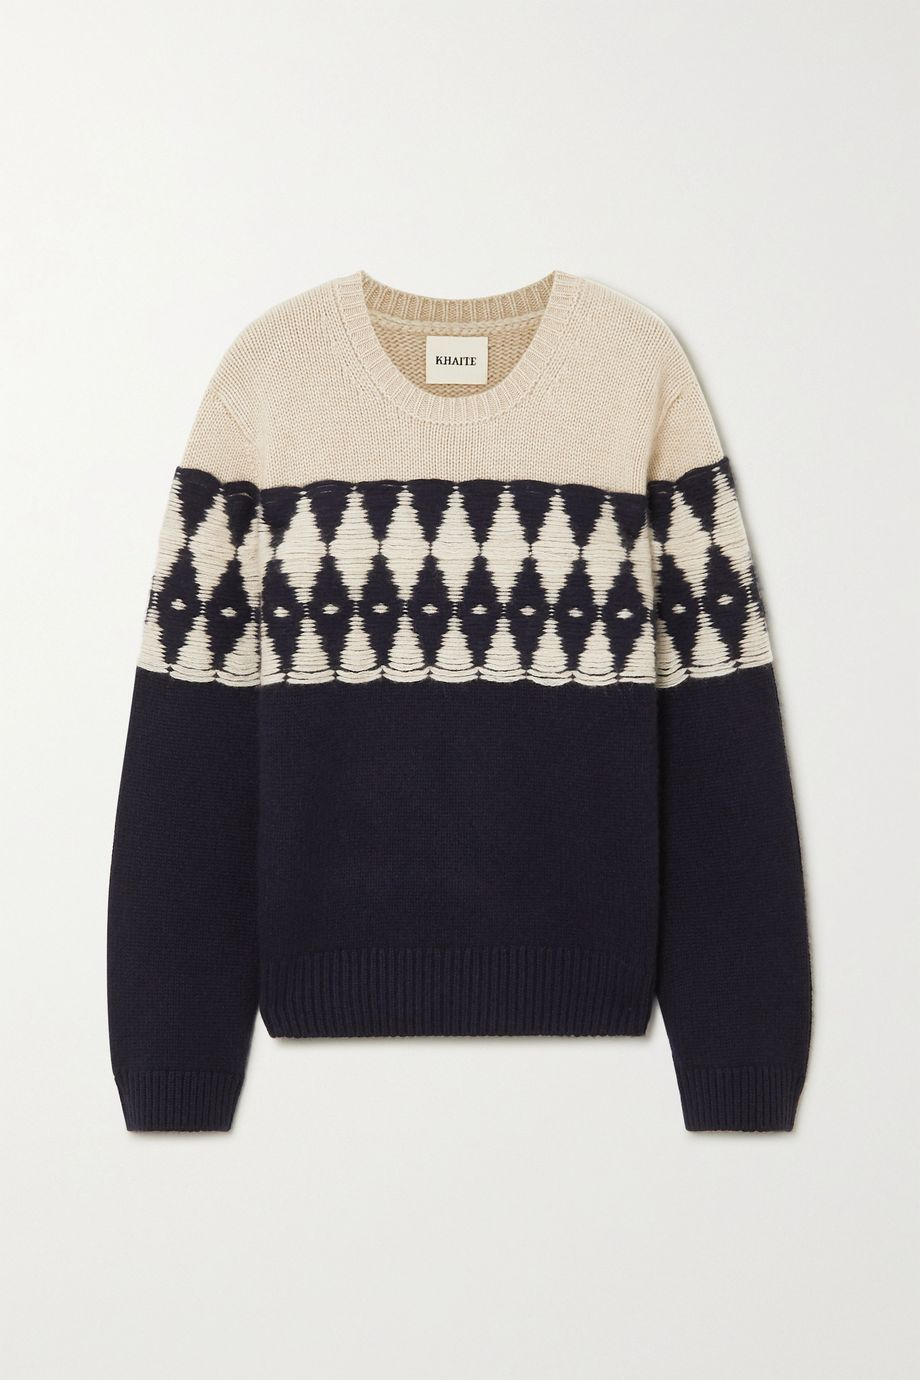 Khaite Romme argyle cashmere sweater